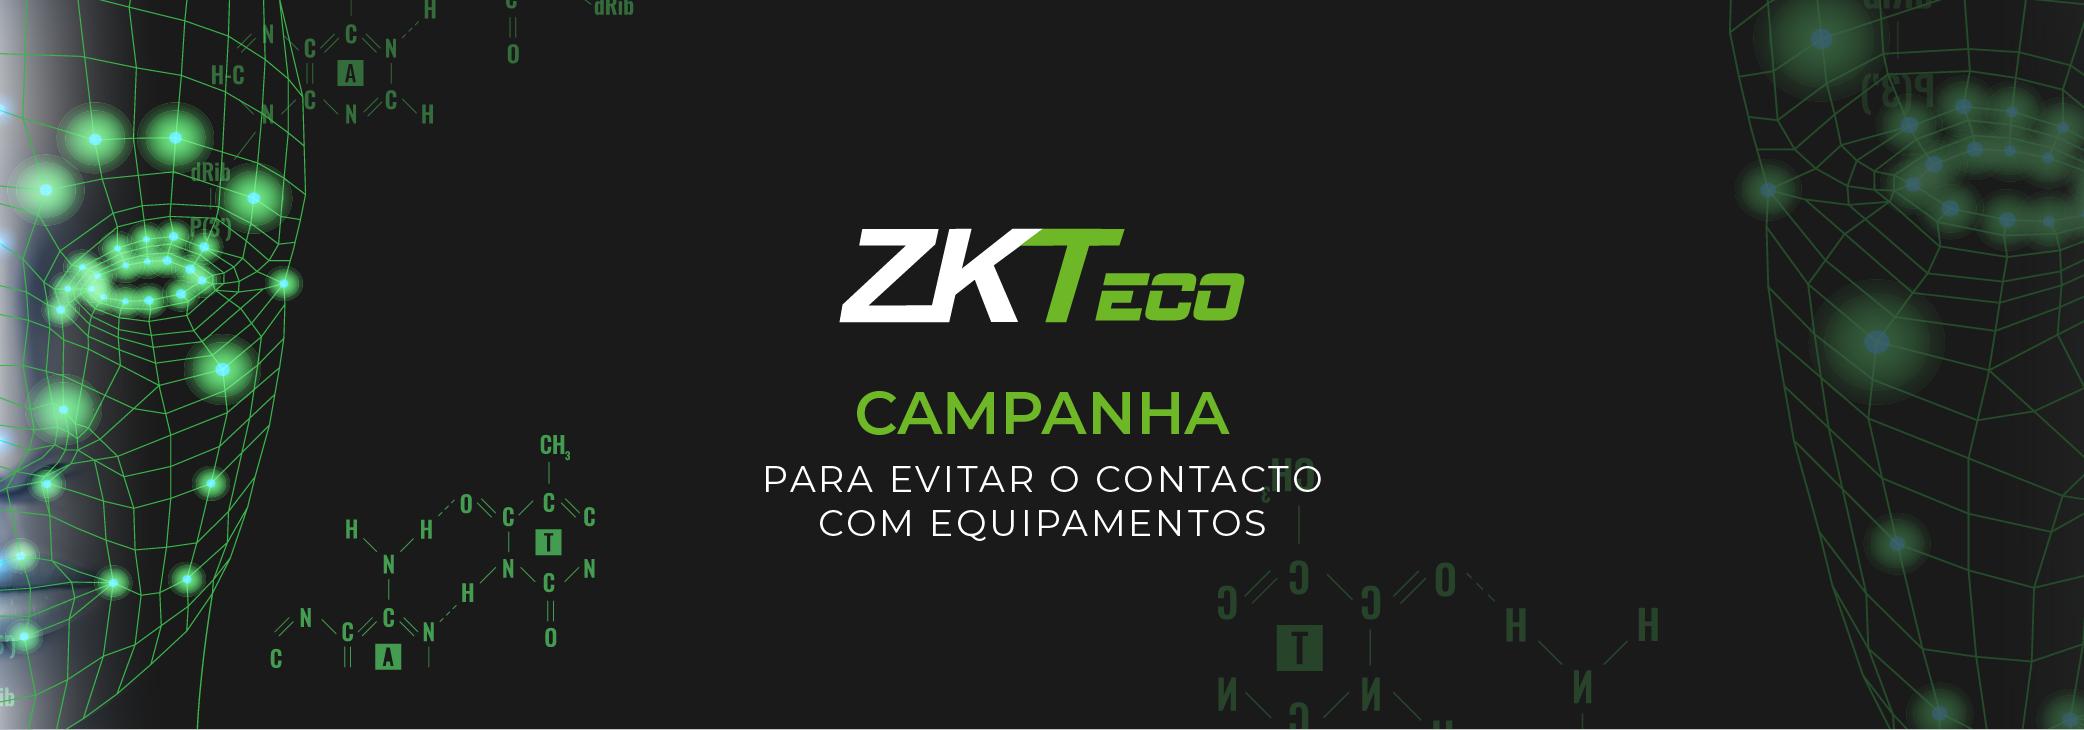 Campanha ZKTeco -5%